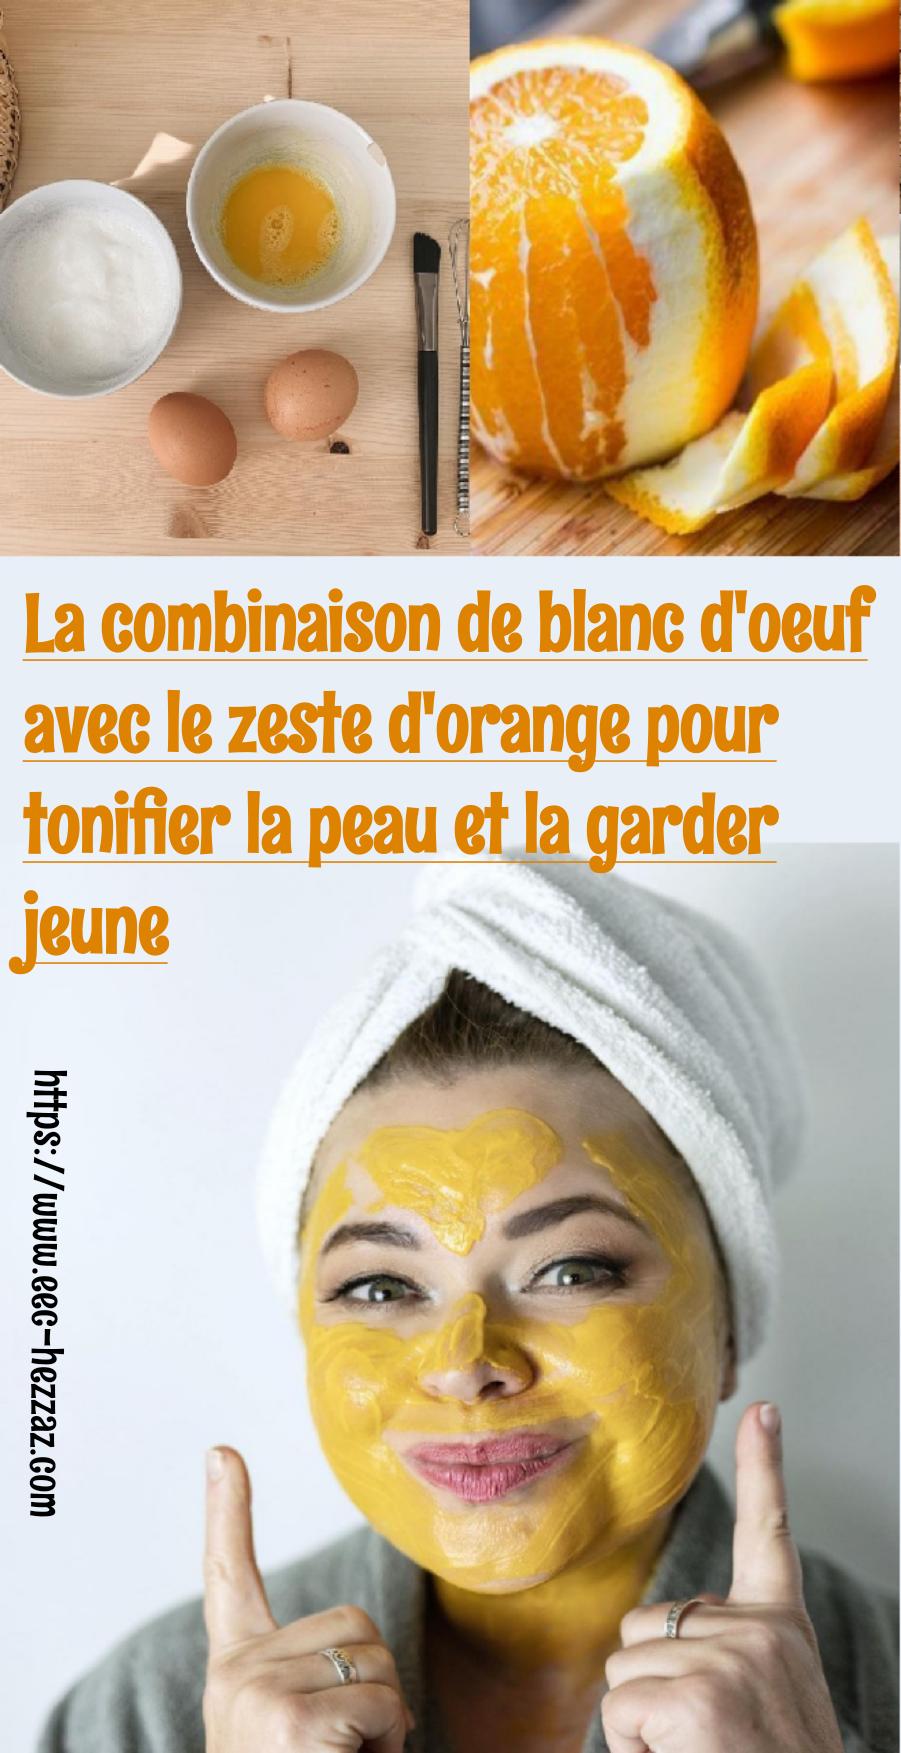 La combinaison de blanc d'oeuf avec le zeste d'orange pour tonifier la peau et la garder jeune